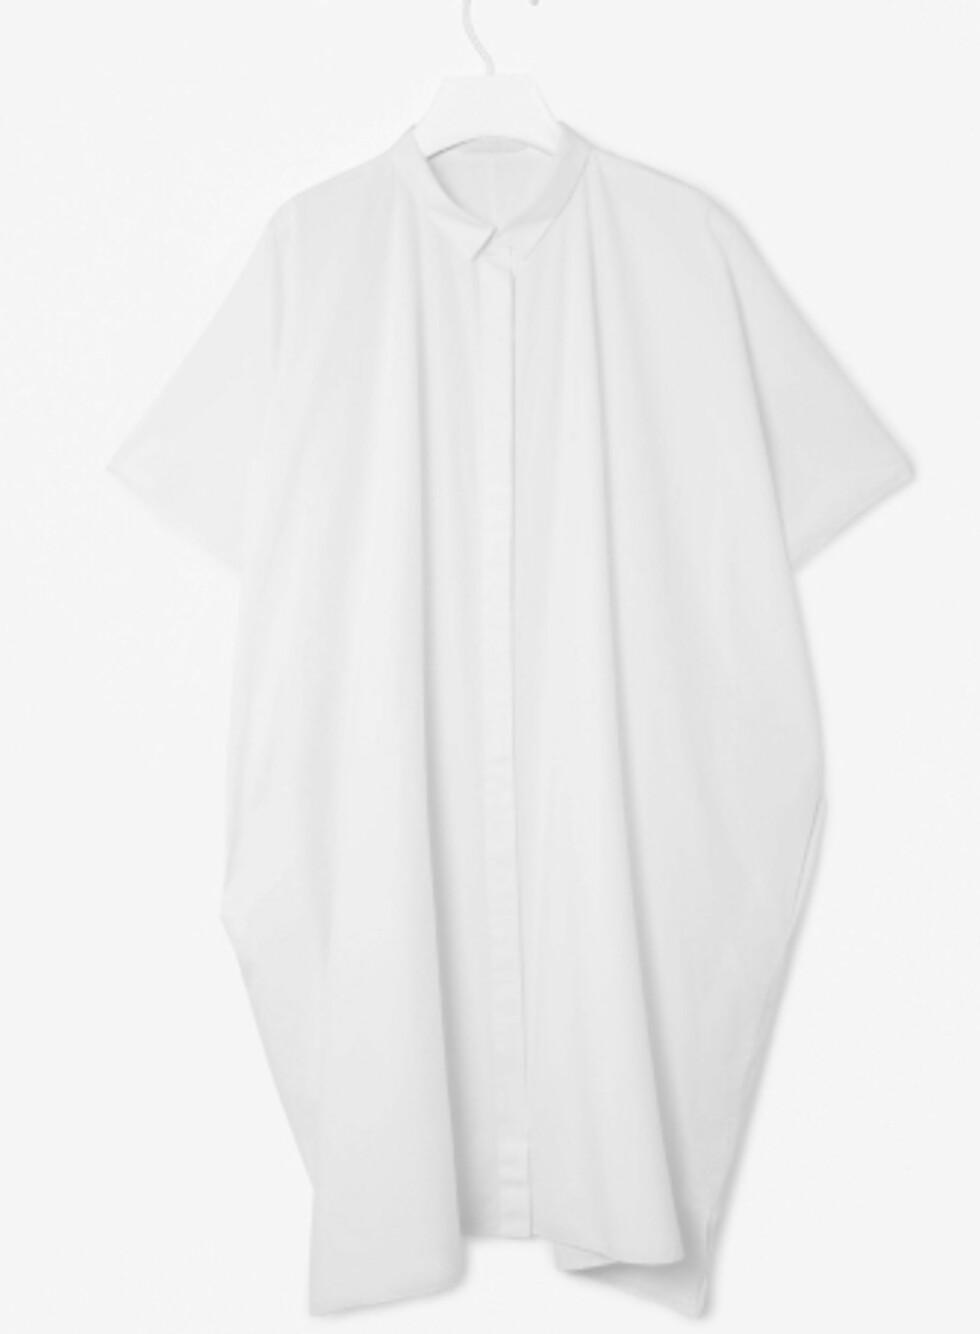 Deilig skjortekjole (kr 600, Cos). Foto: Produsentene